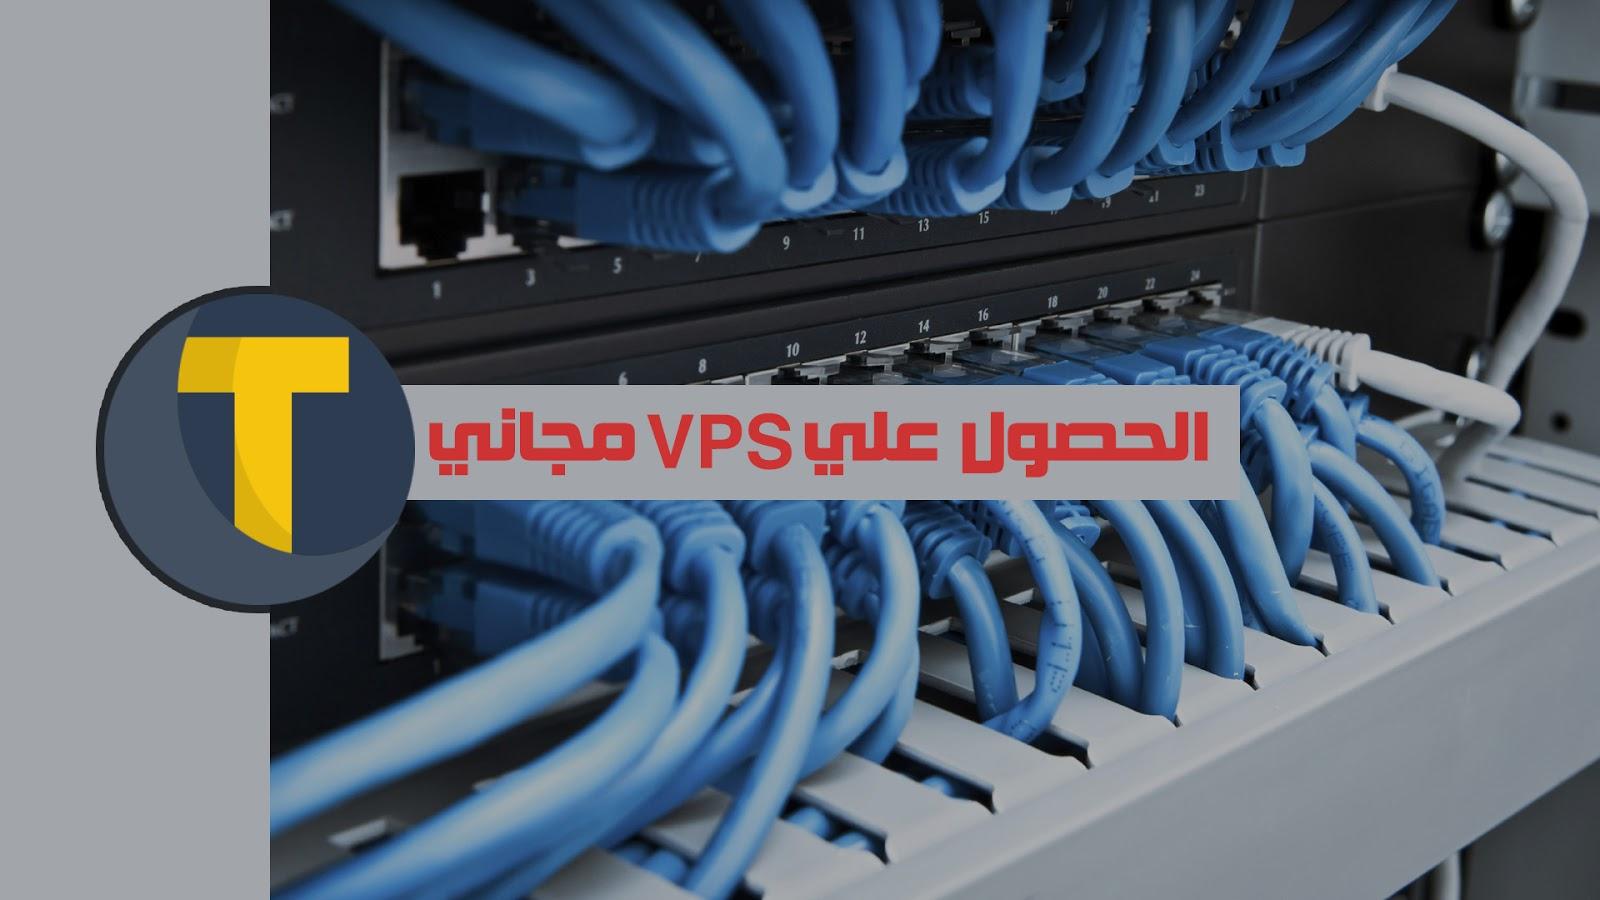 الحصول علي VPS سريع ومجاني بدون برامج 2016